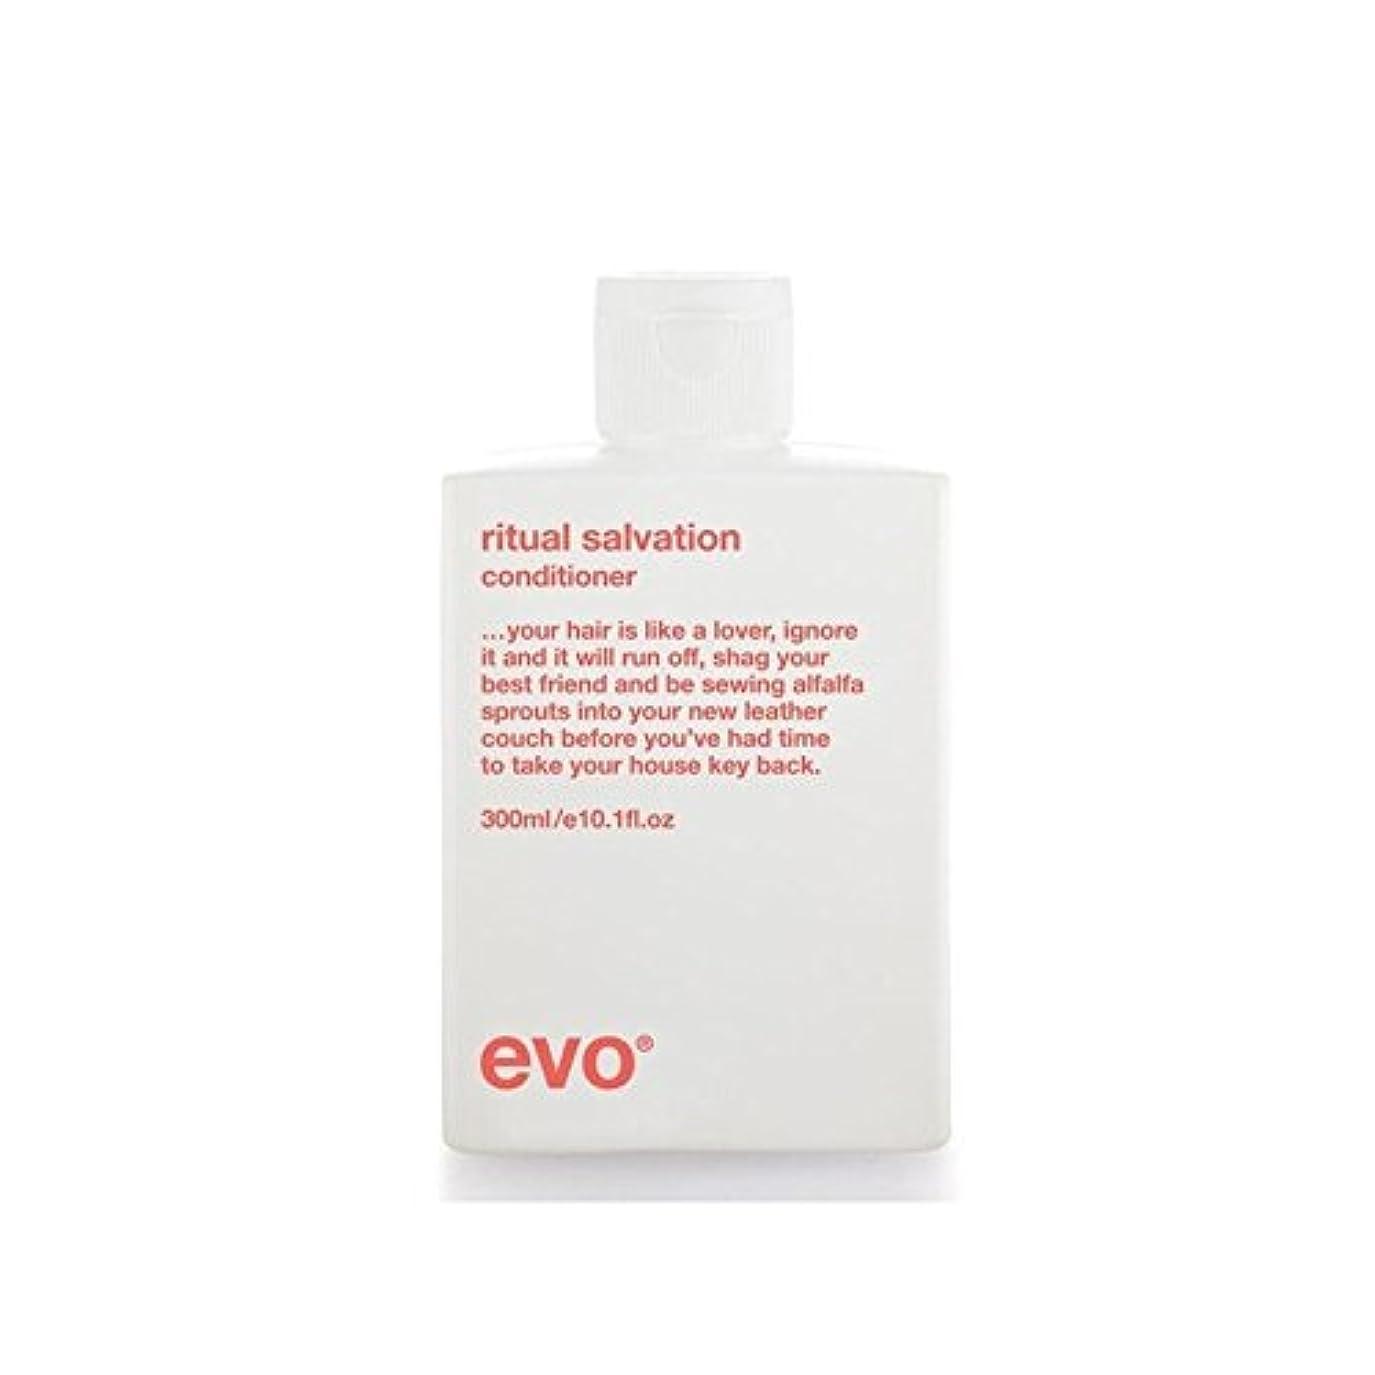 改修する牛肉摂氏Evo Ritual Salvation Conditioner (300ml) - 儀式救いコンディショナー(300ミリリットル) [並行輸入品]